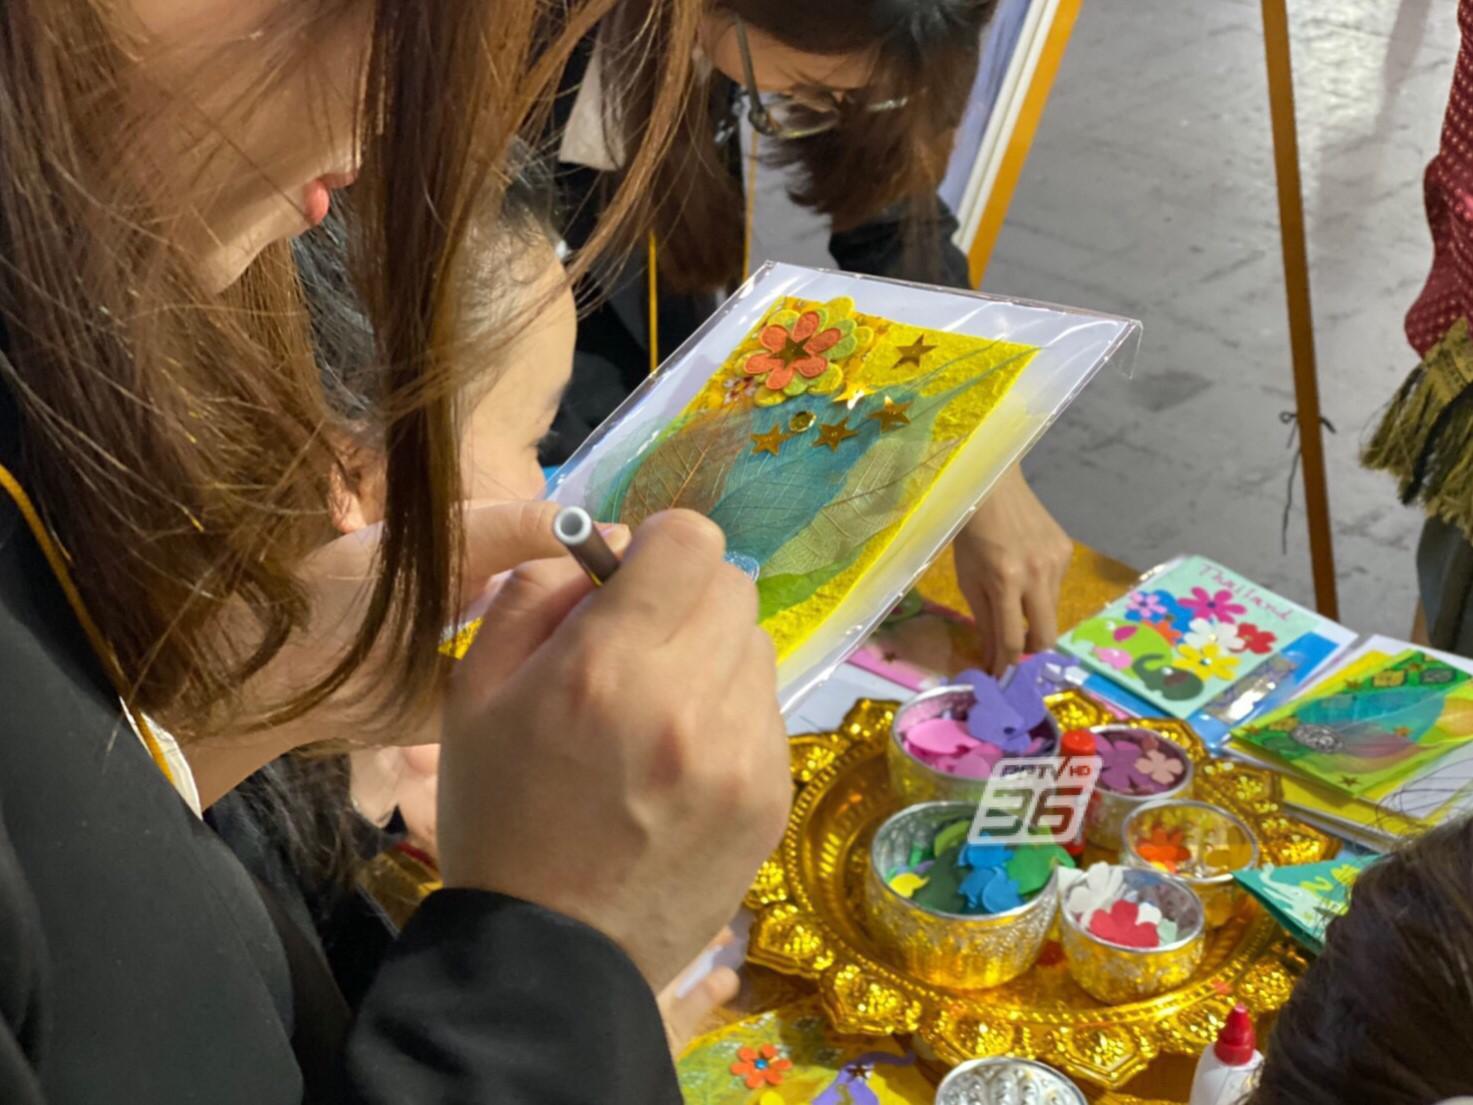 ททท.นำผู้ประกอบการไทย กระตุ้นญี่ปุ่นเที่ยวไทย คาดปีนี้แตะ 1.8 ล้านคน